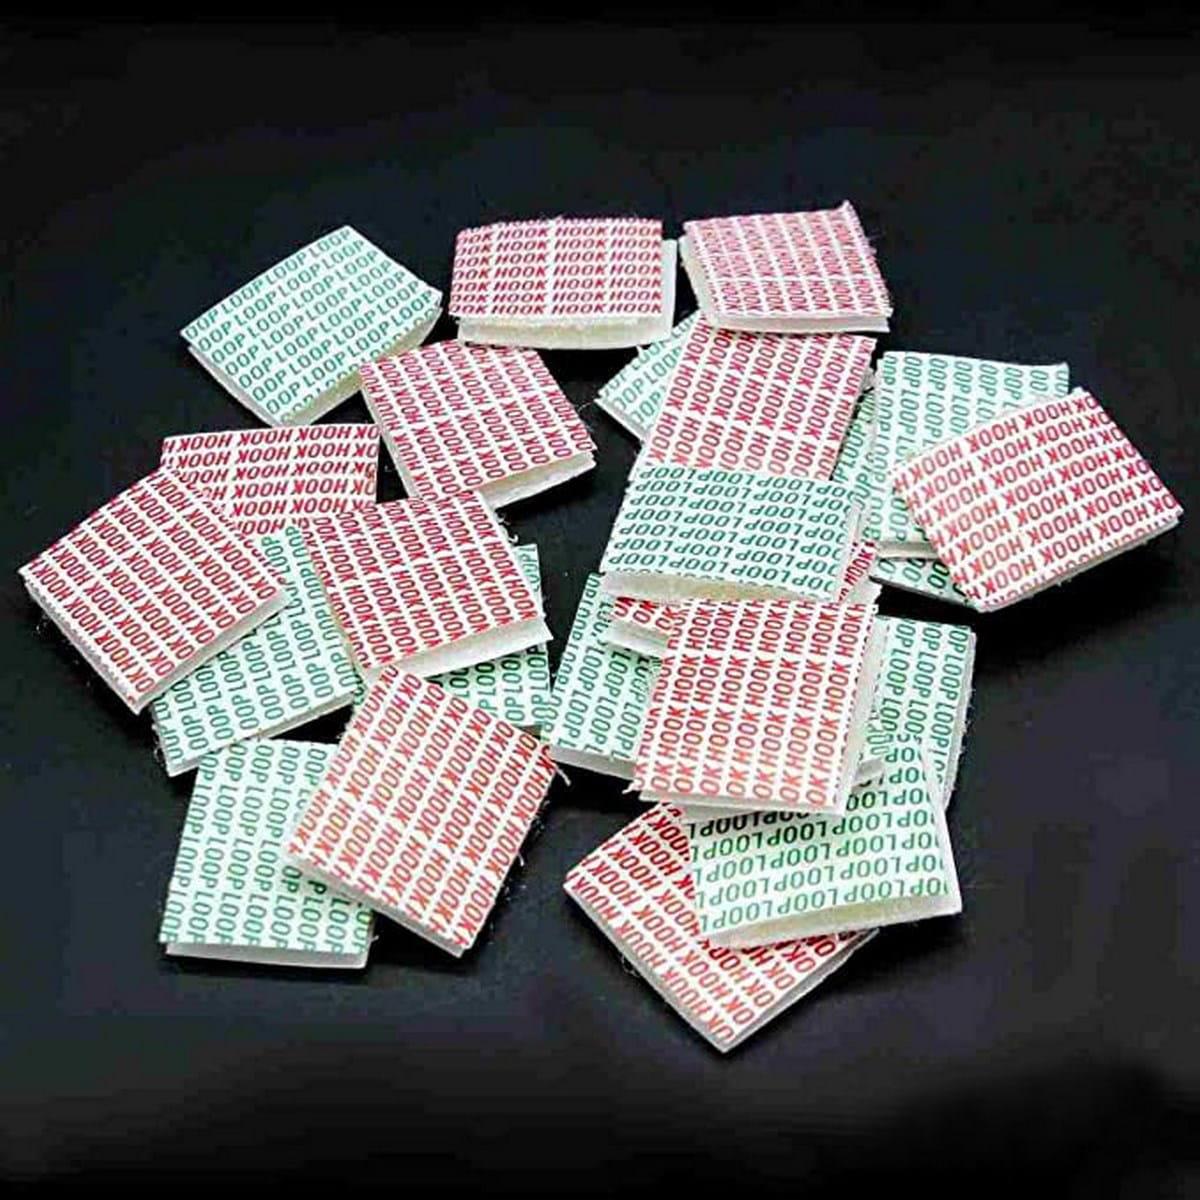 Square Velcro Sticker